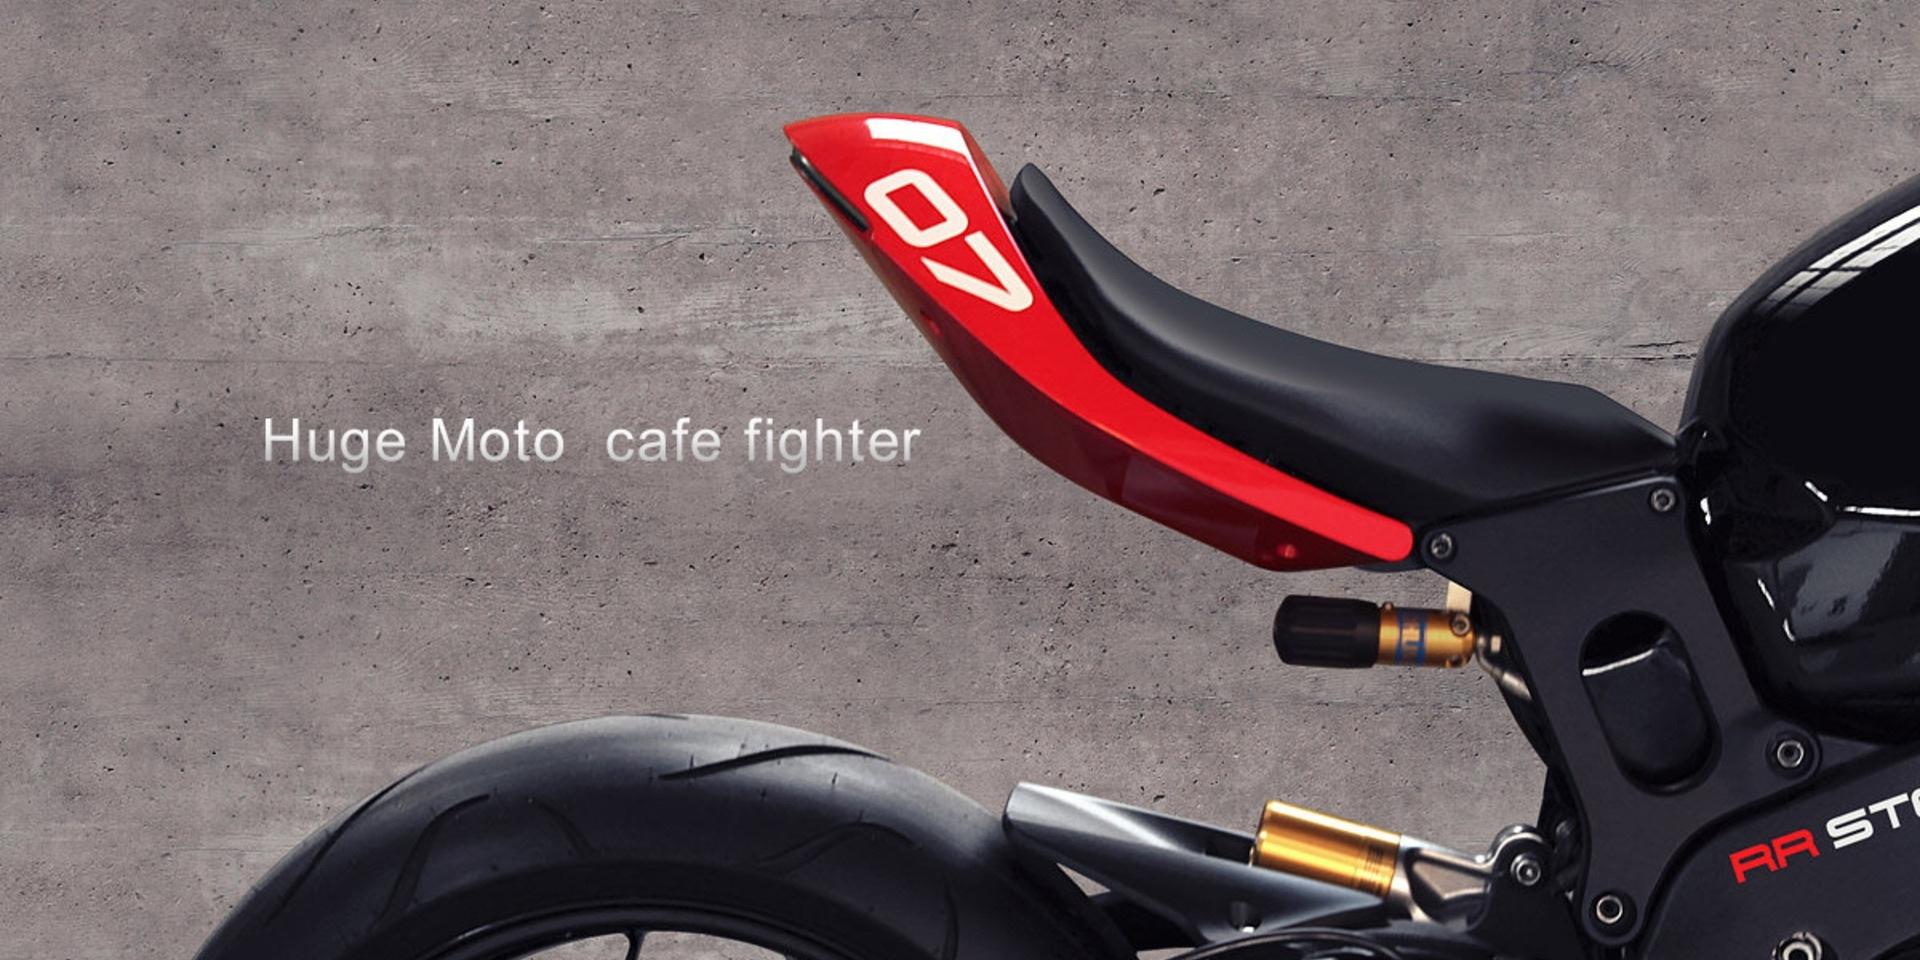 街跑合一。Huge Moto 打造超有型 café fighter 改裝套件